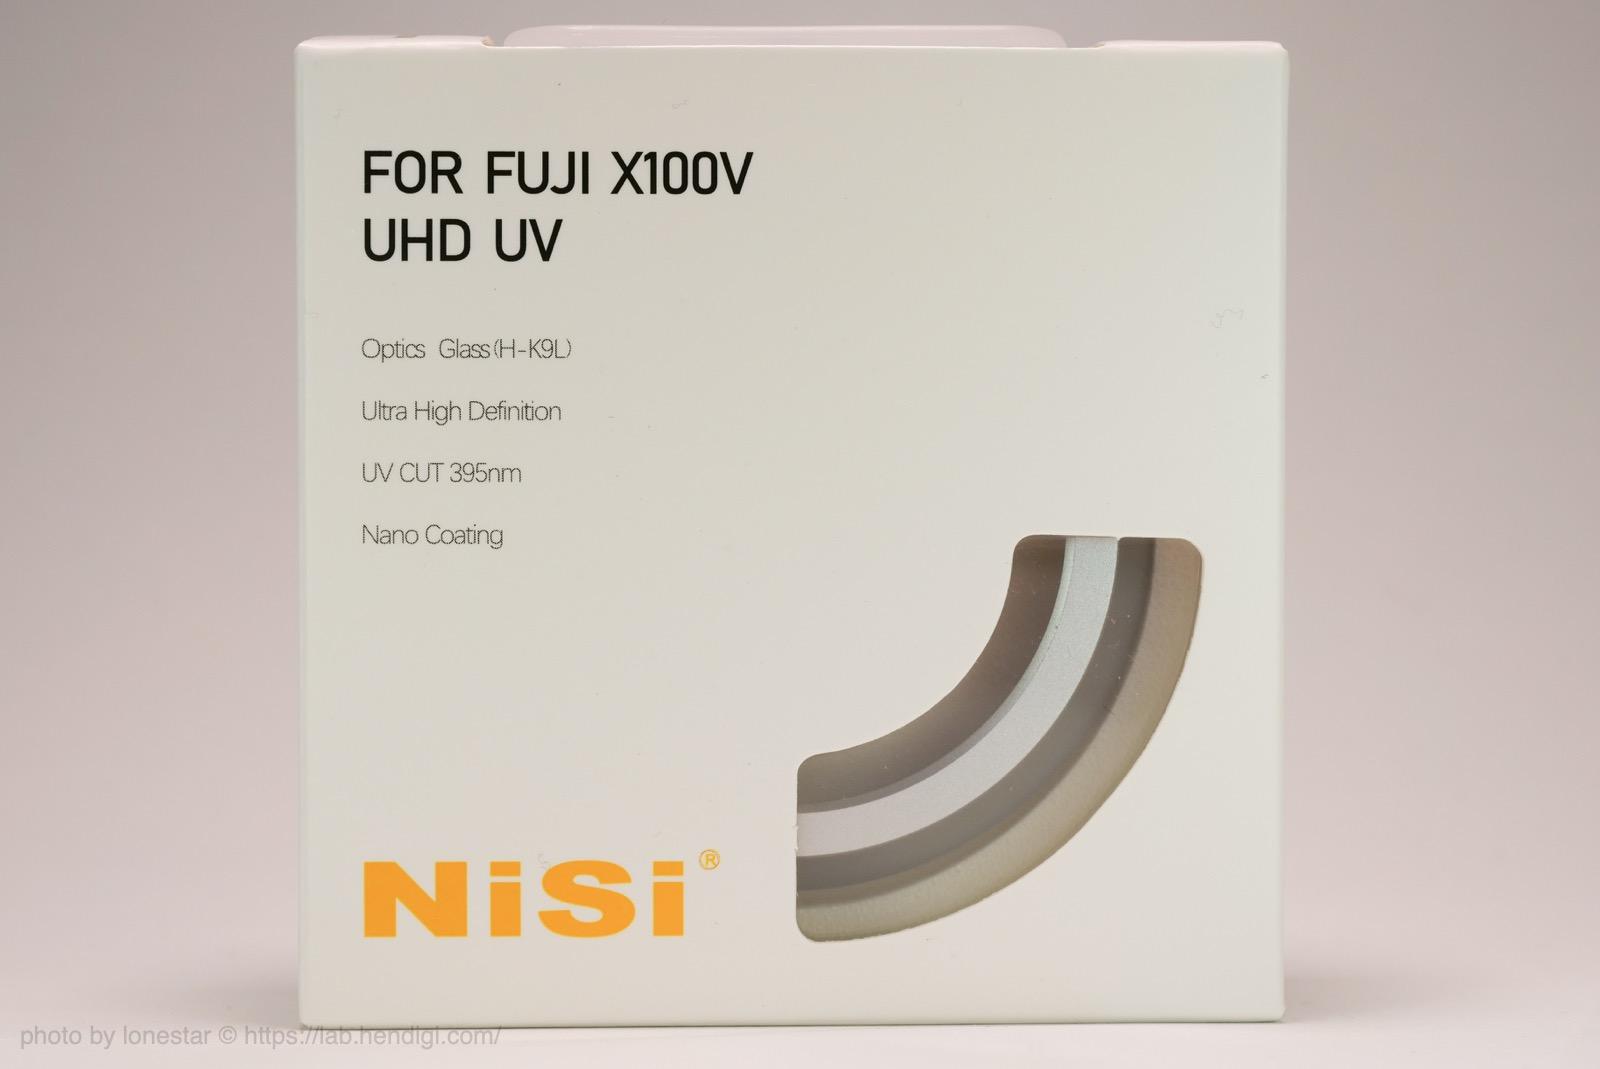 NiSi UHD UVフィルター